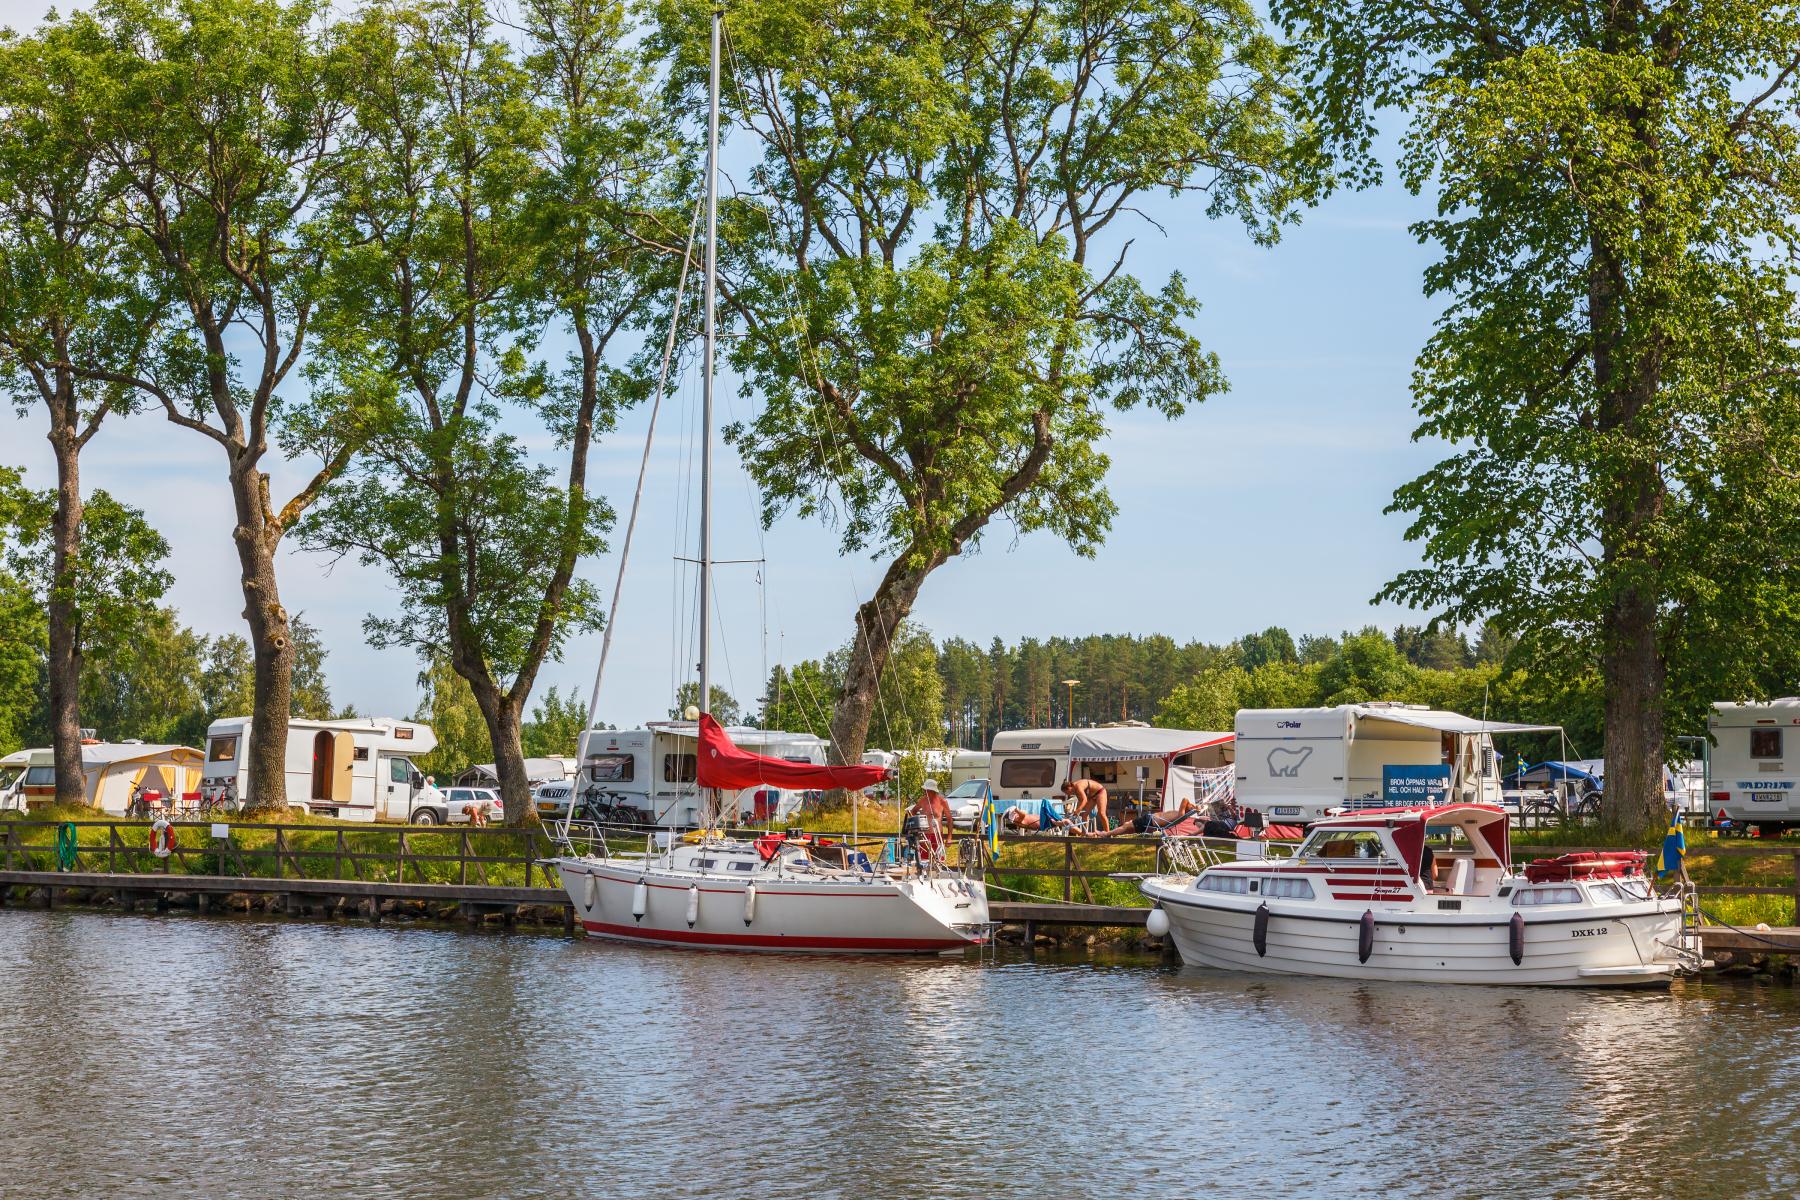 Bilde av båter og campingsite